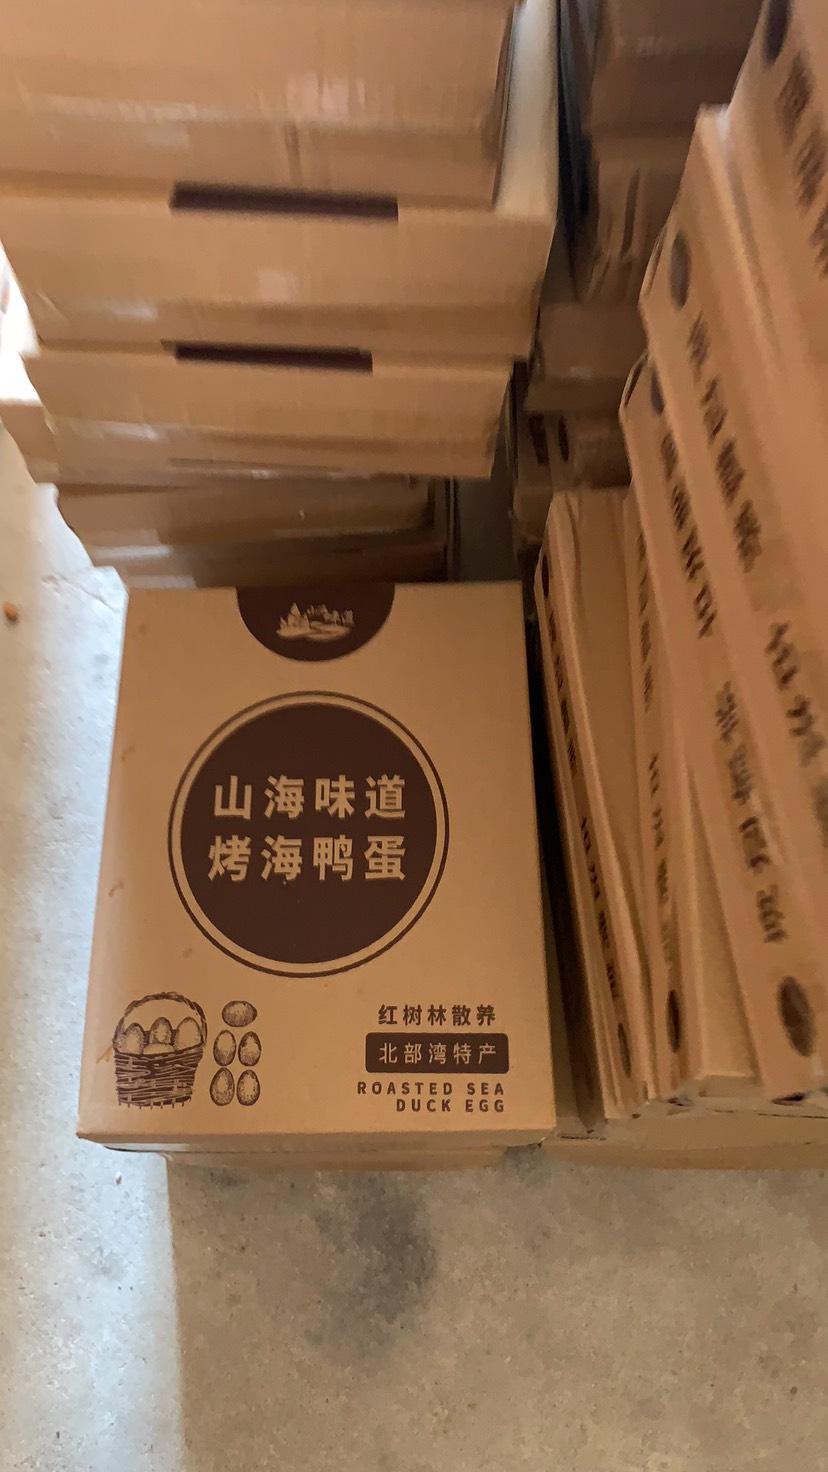 烤海鴨蛋 廣西北海 50克/60克/70克/80克 20枚勁爆價包郵